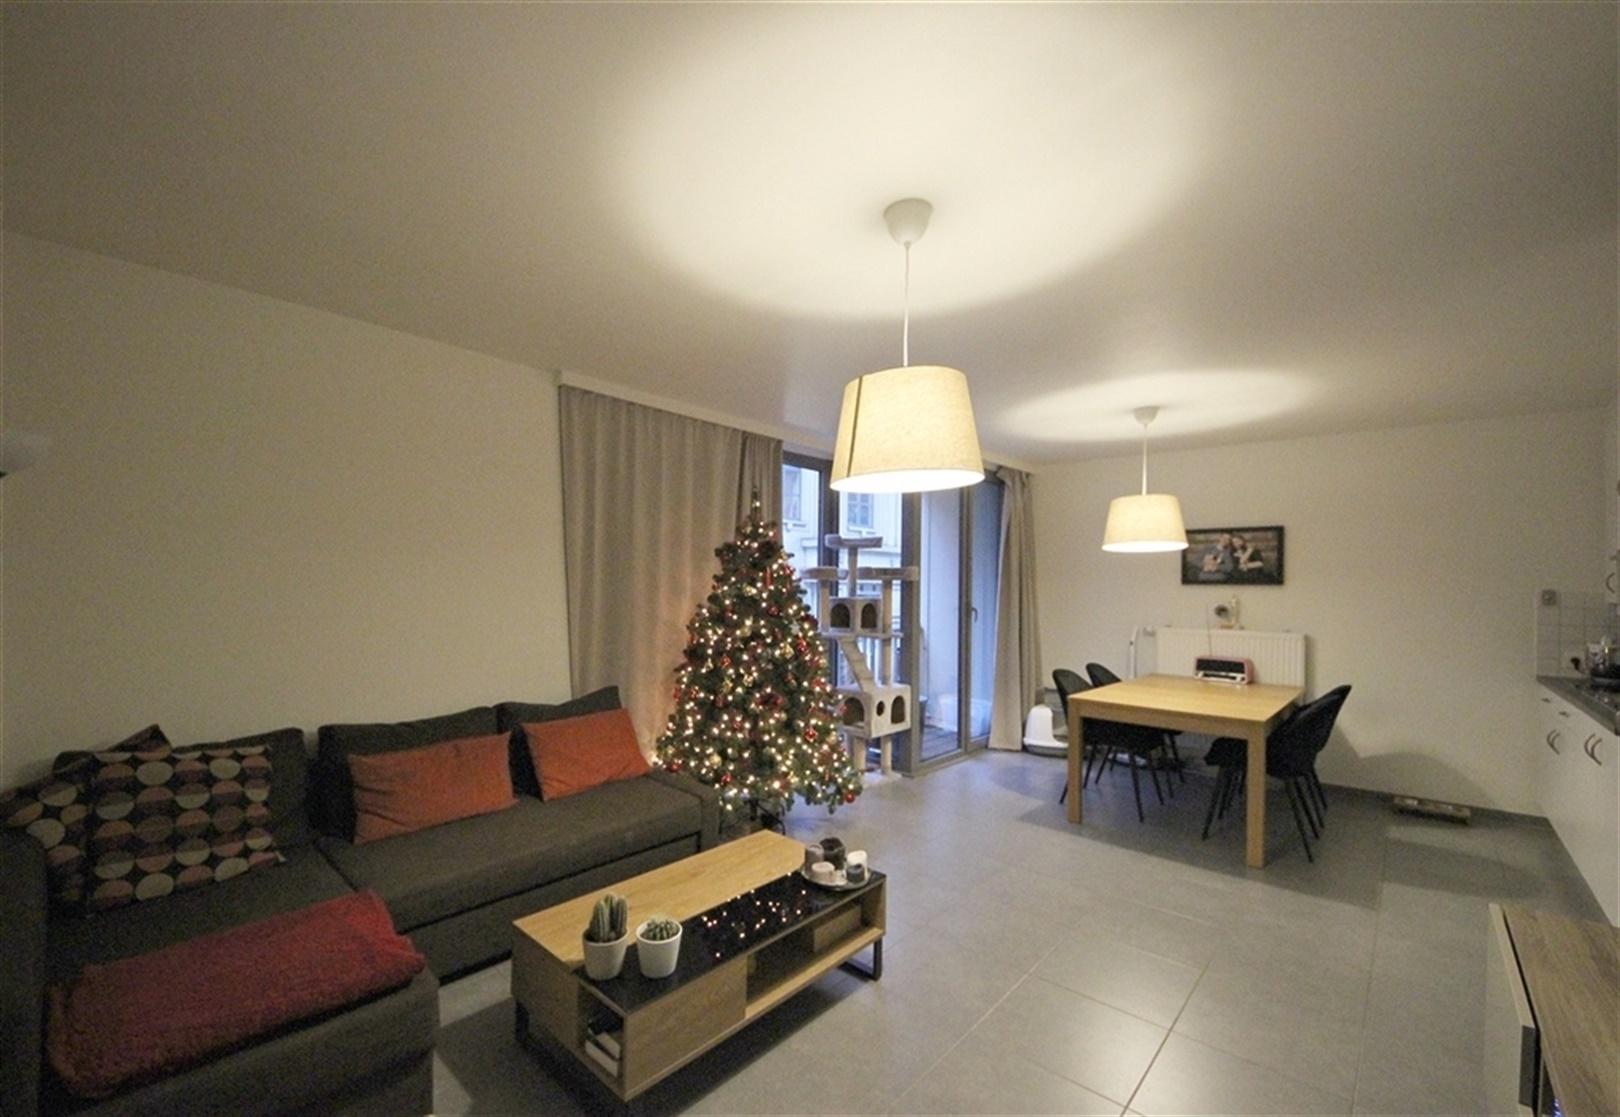 Gezellig en instapklaar éénslaapkamer appartement in hartje Gent!